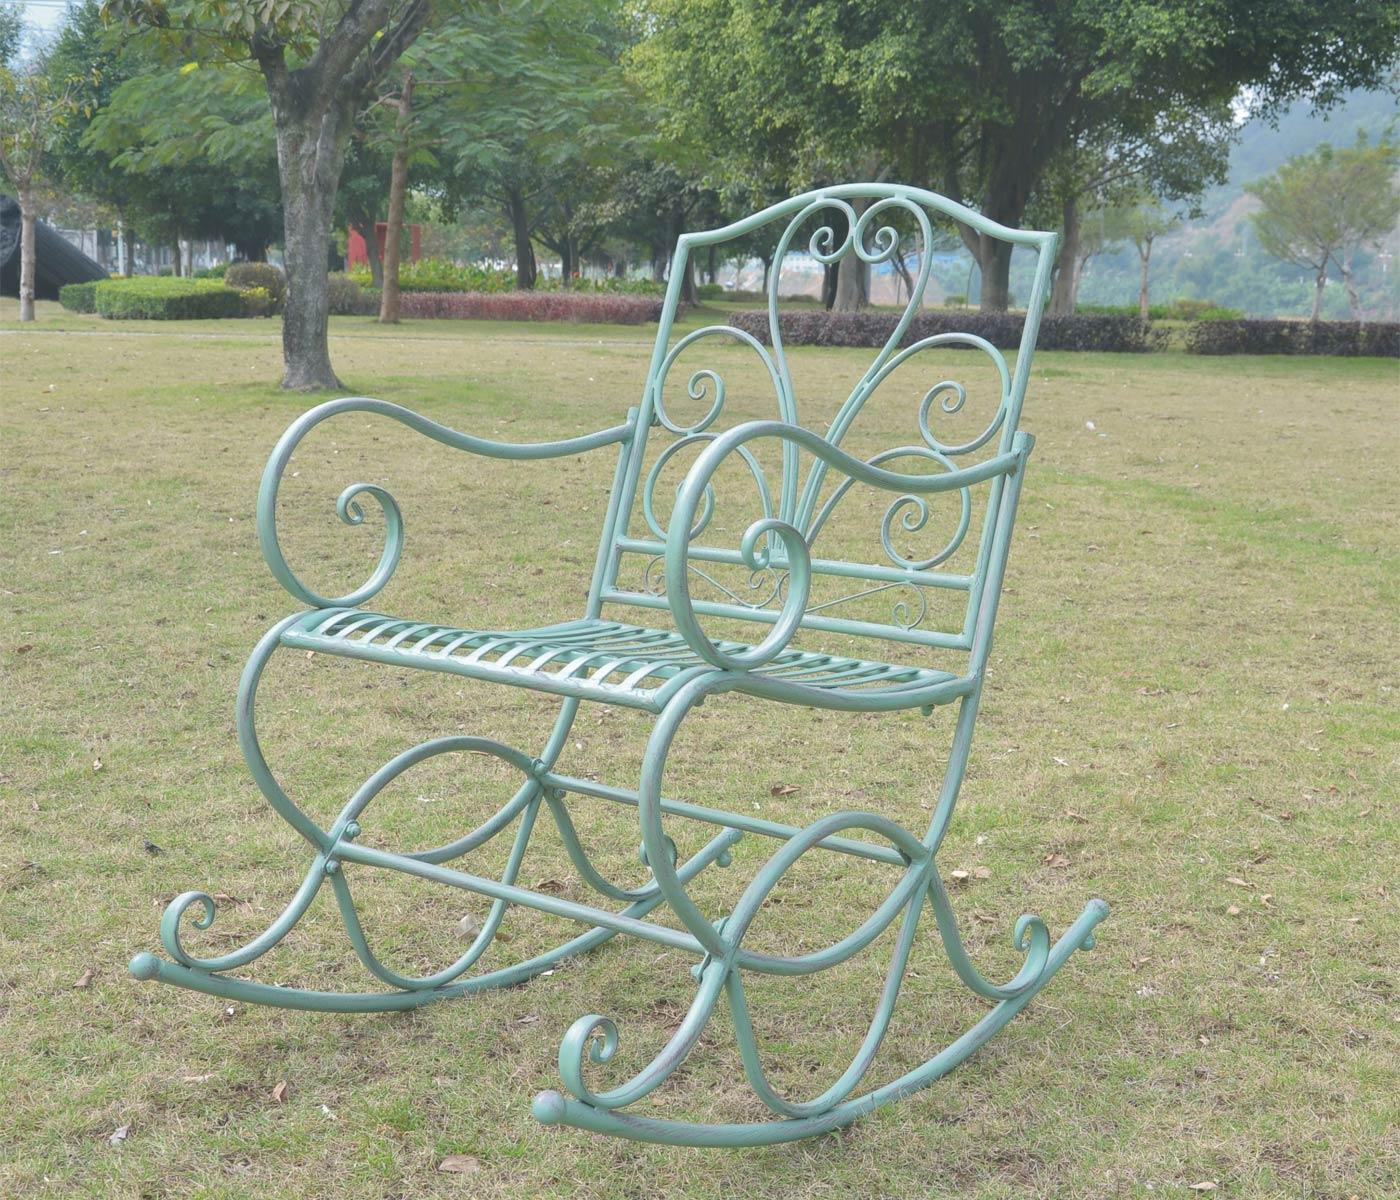 Sedia a dondolo hwc c39 stile romantico metallo verde for Sedia a dondolo verde